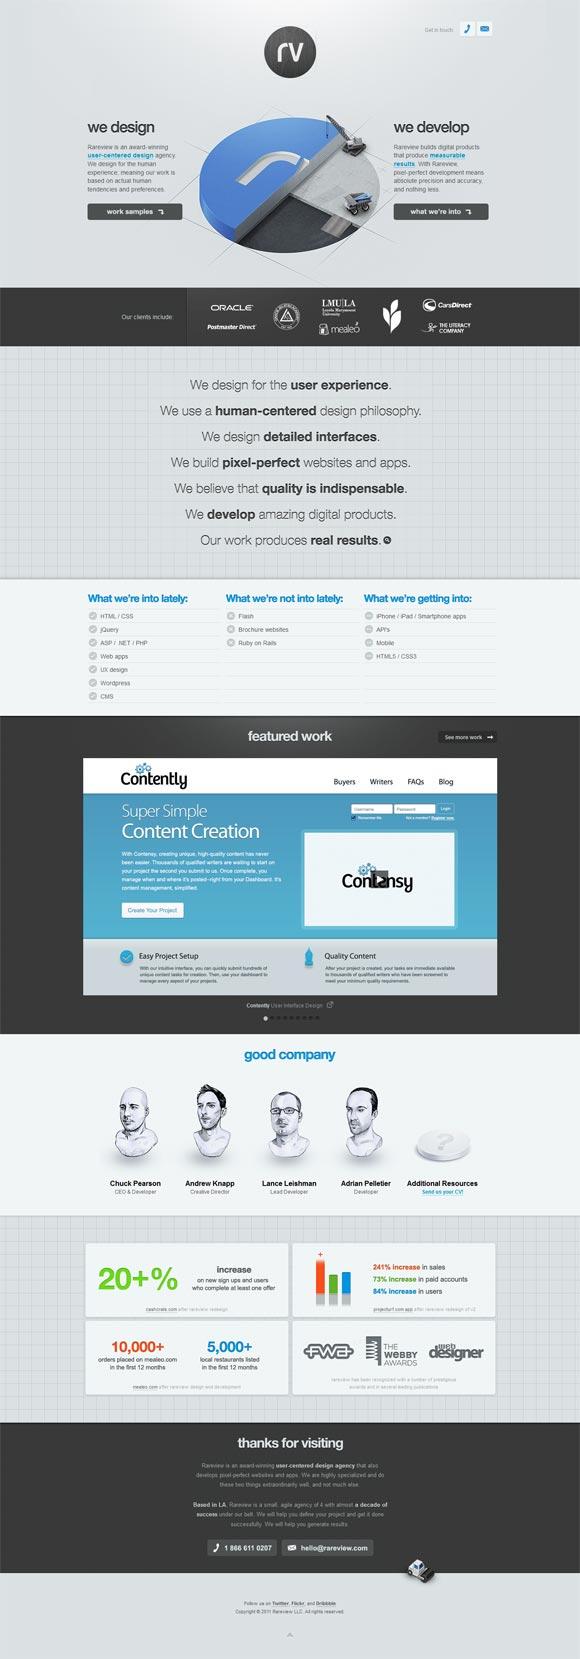 Rareview | Design Agency